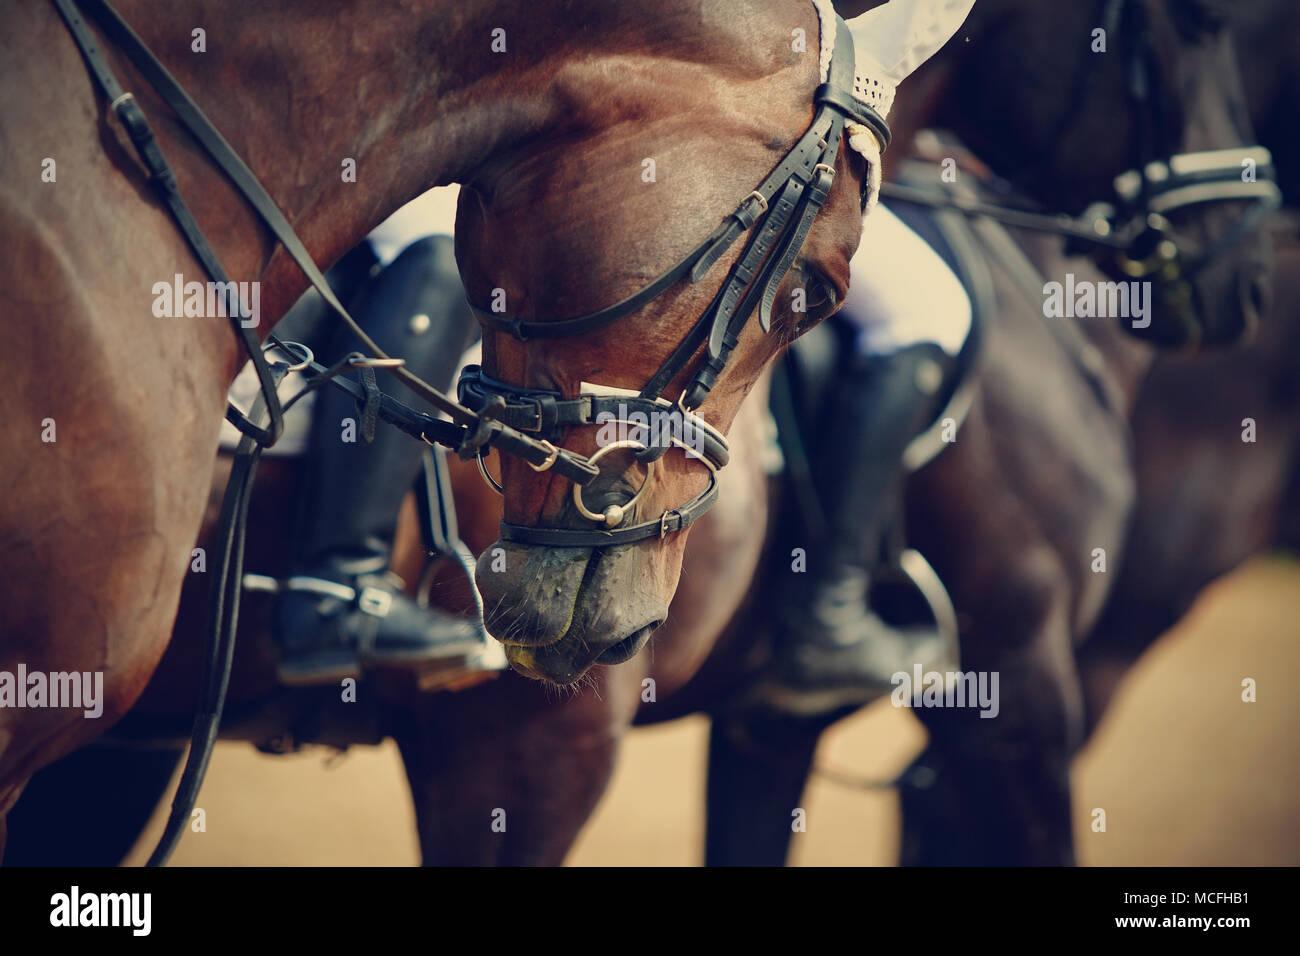 Caballos deportivos en municiones antes de las competiciones. Retrato de un semental de deportes. Cabalgando sobre un caballo. Caballo de pura sangre. Foto de stock